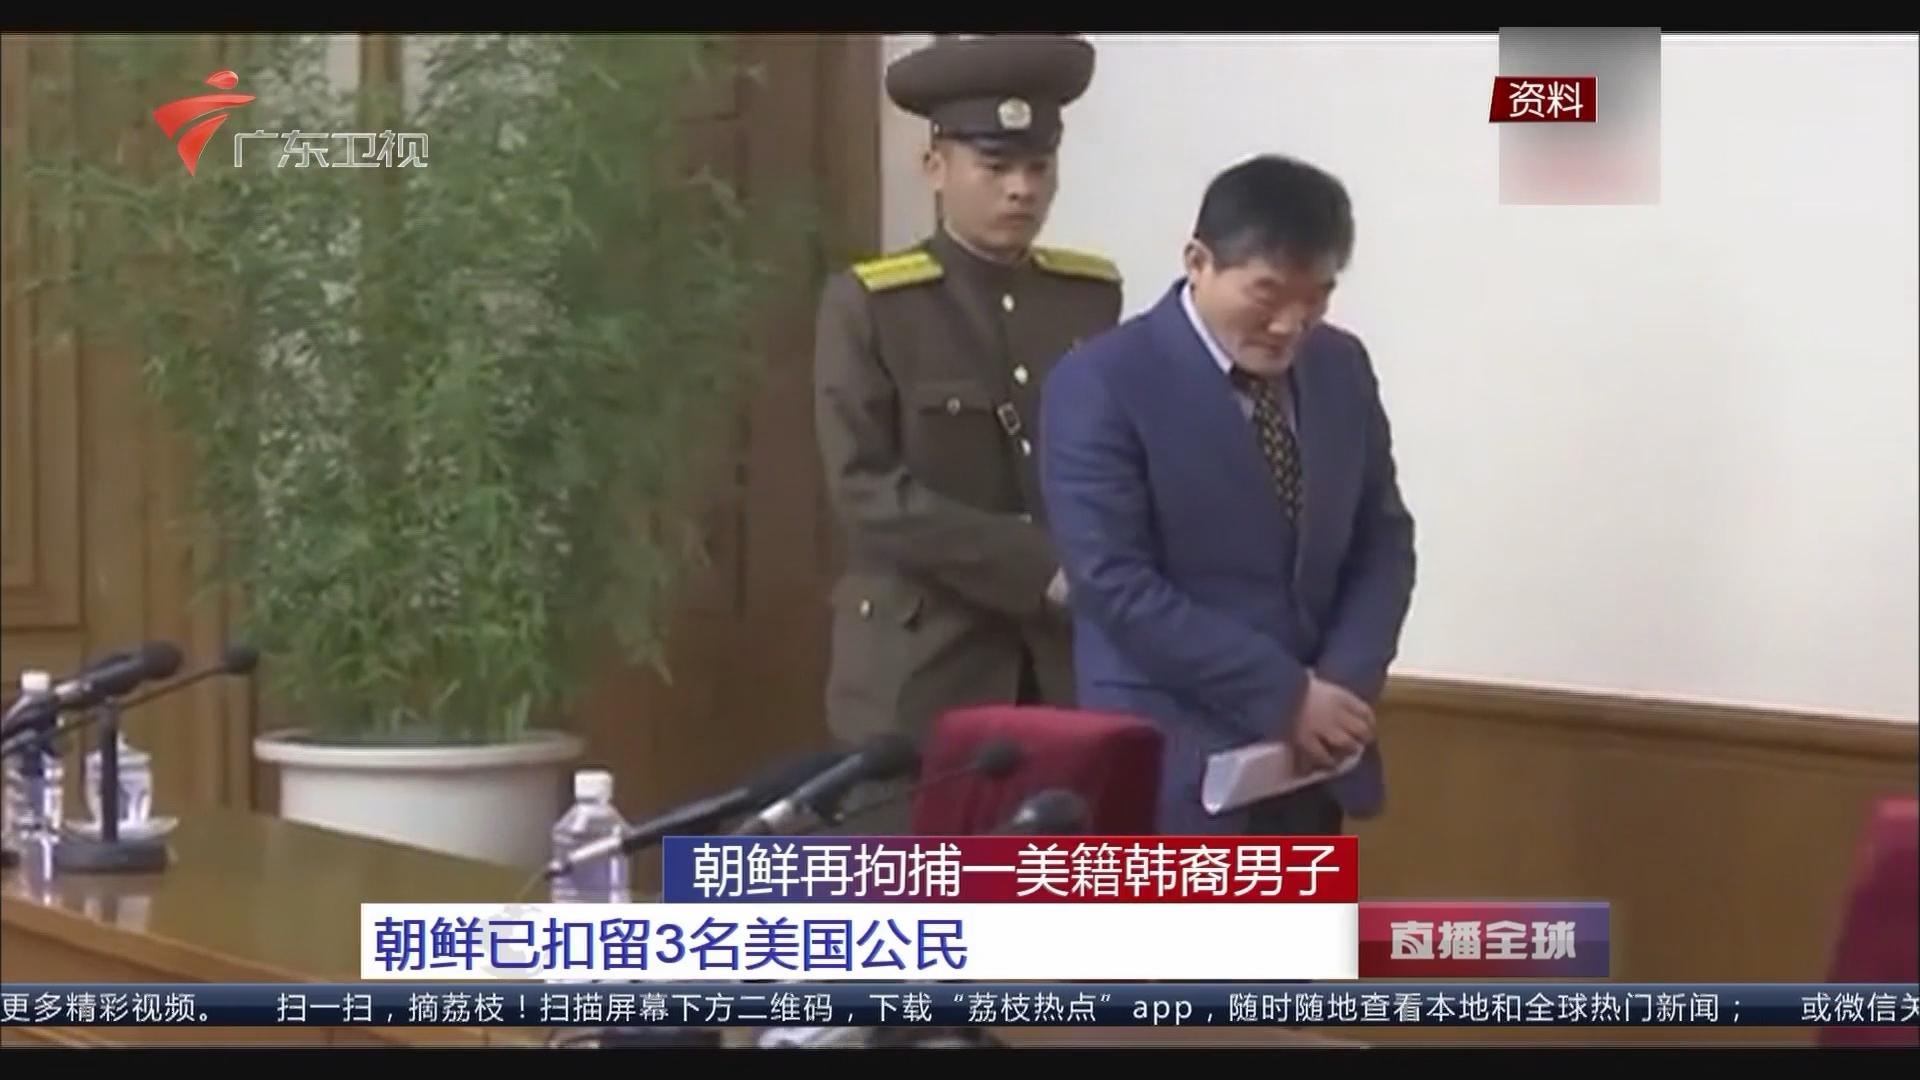 朝鲜再拘捕一美籍韩裔男子 朝鲜已扣留3名美国公民